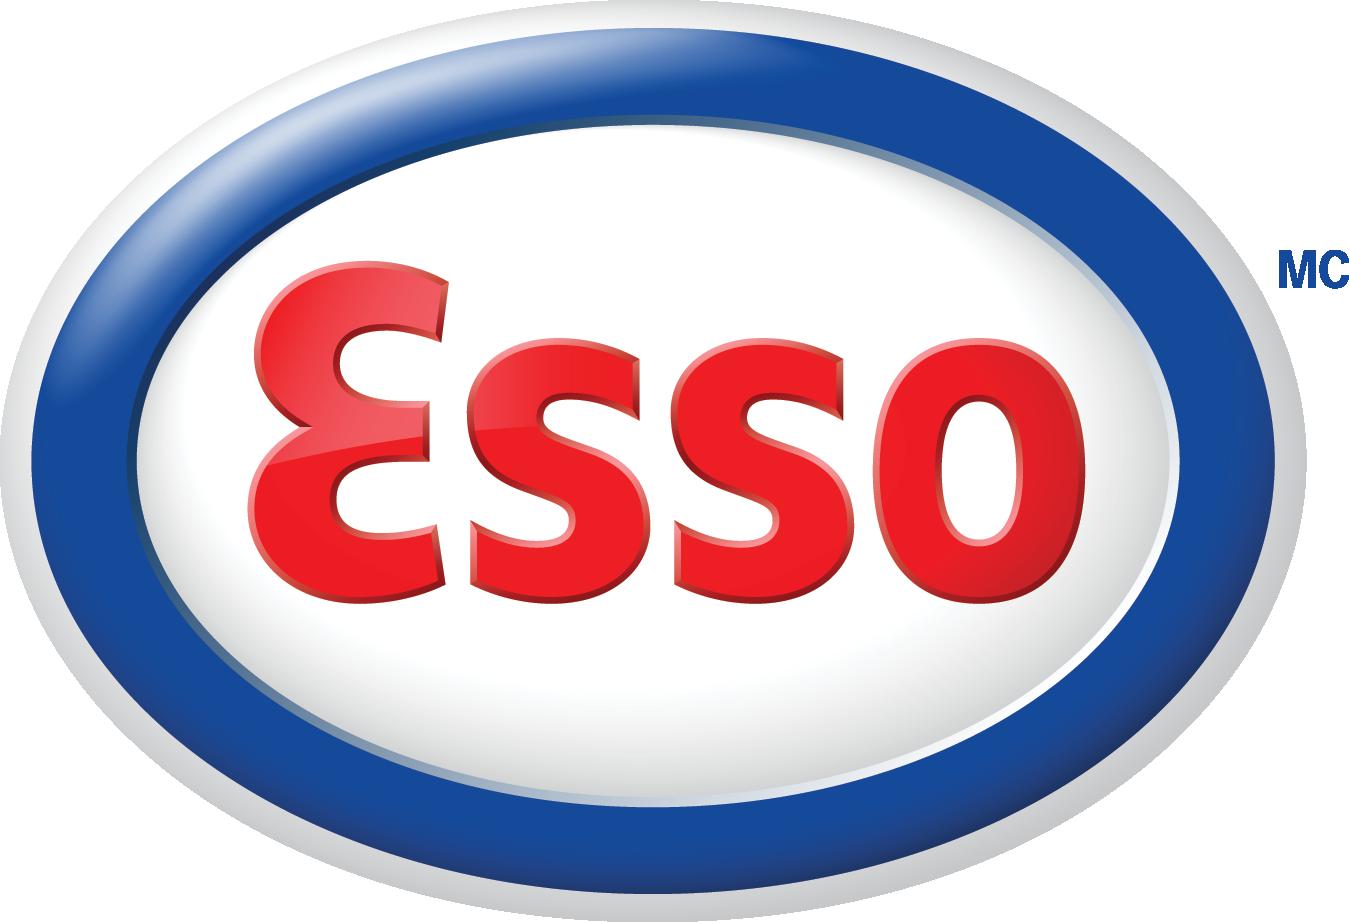 Esso Sol Petroleum